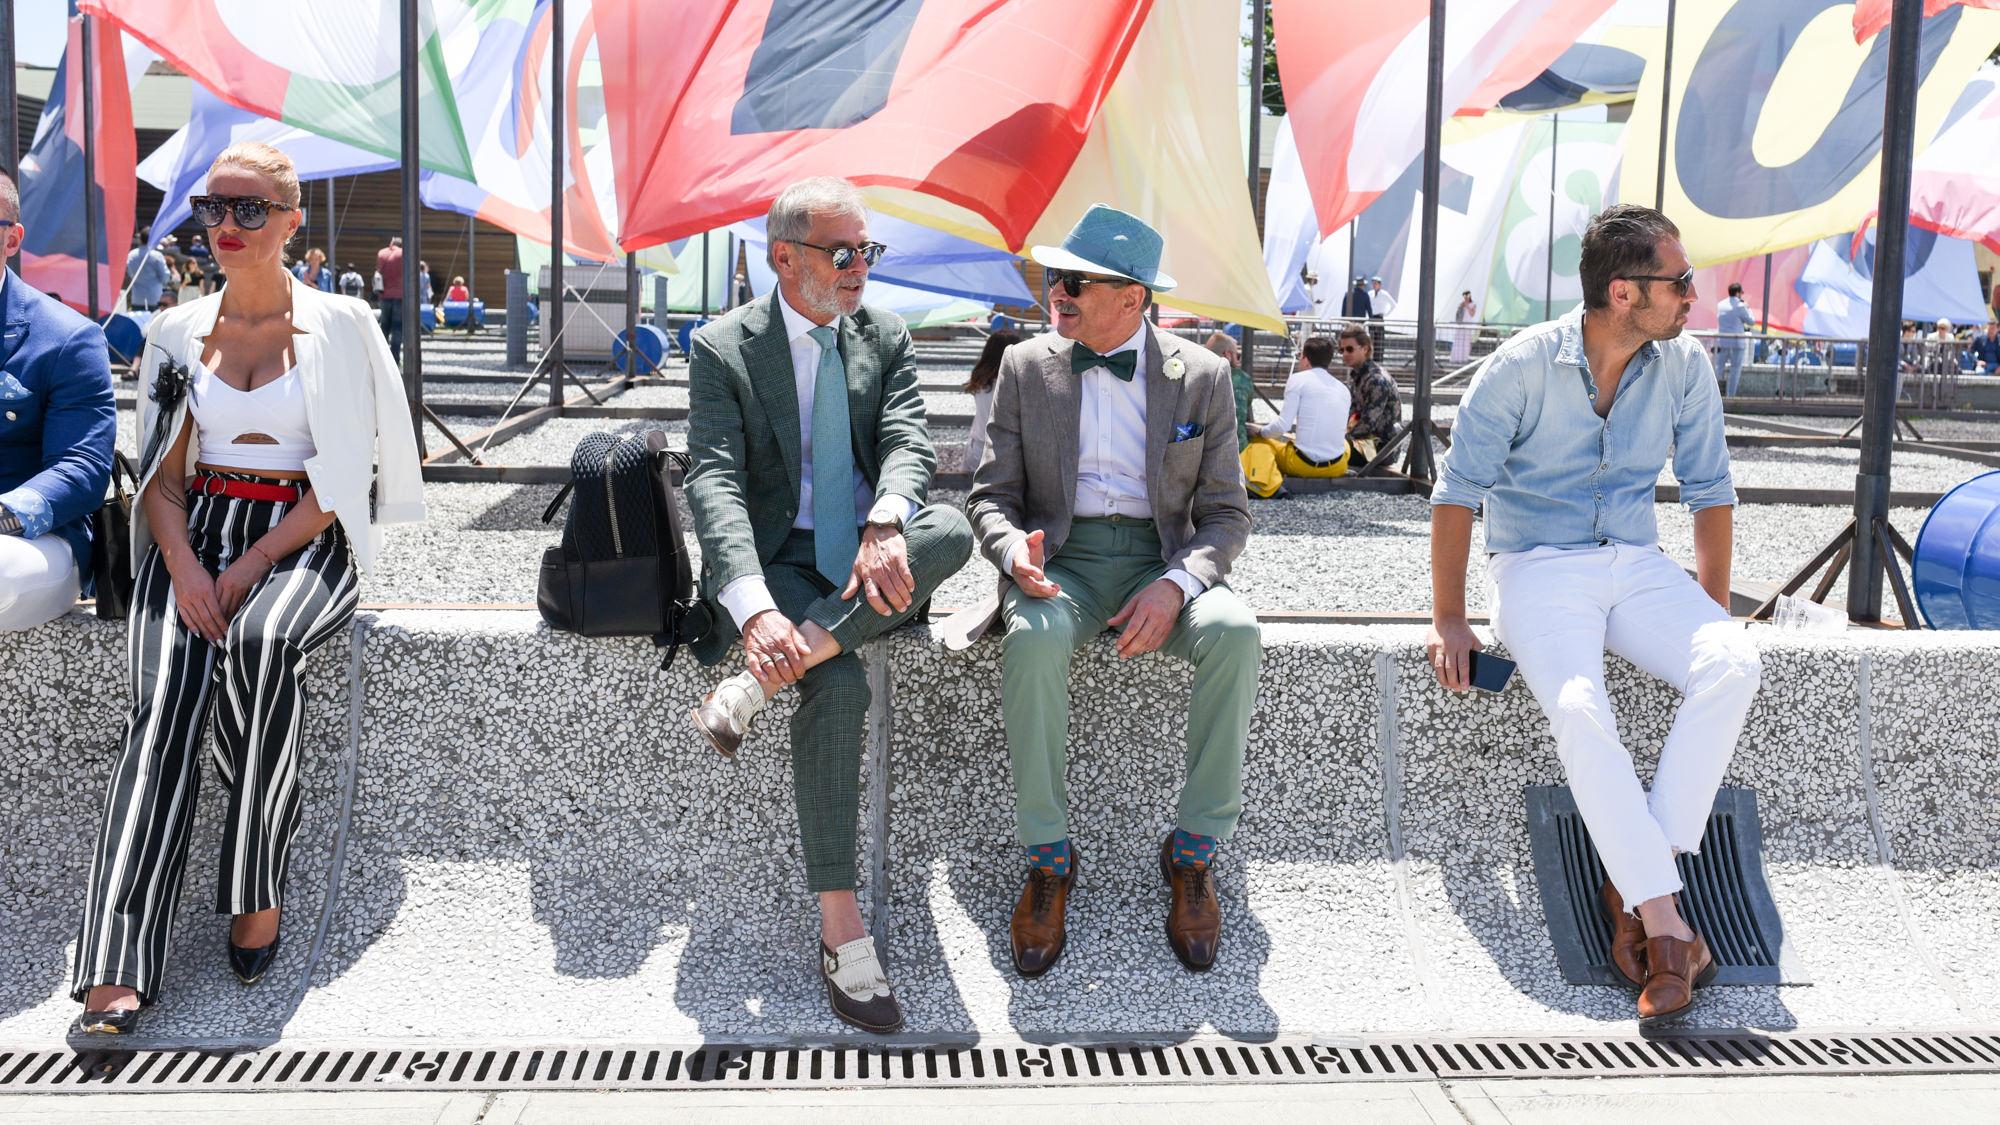 mur pitti uomo 90 drapeau